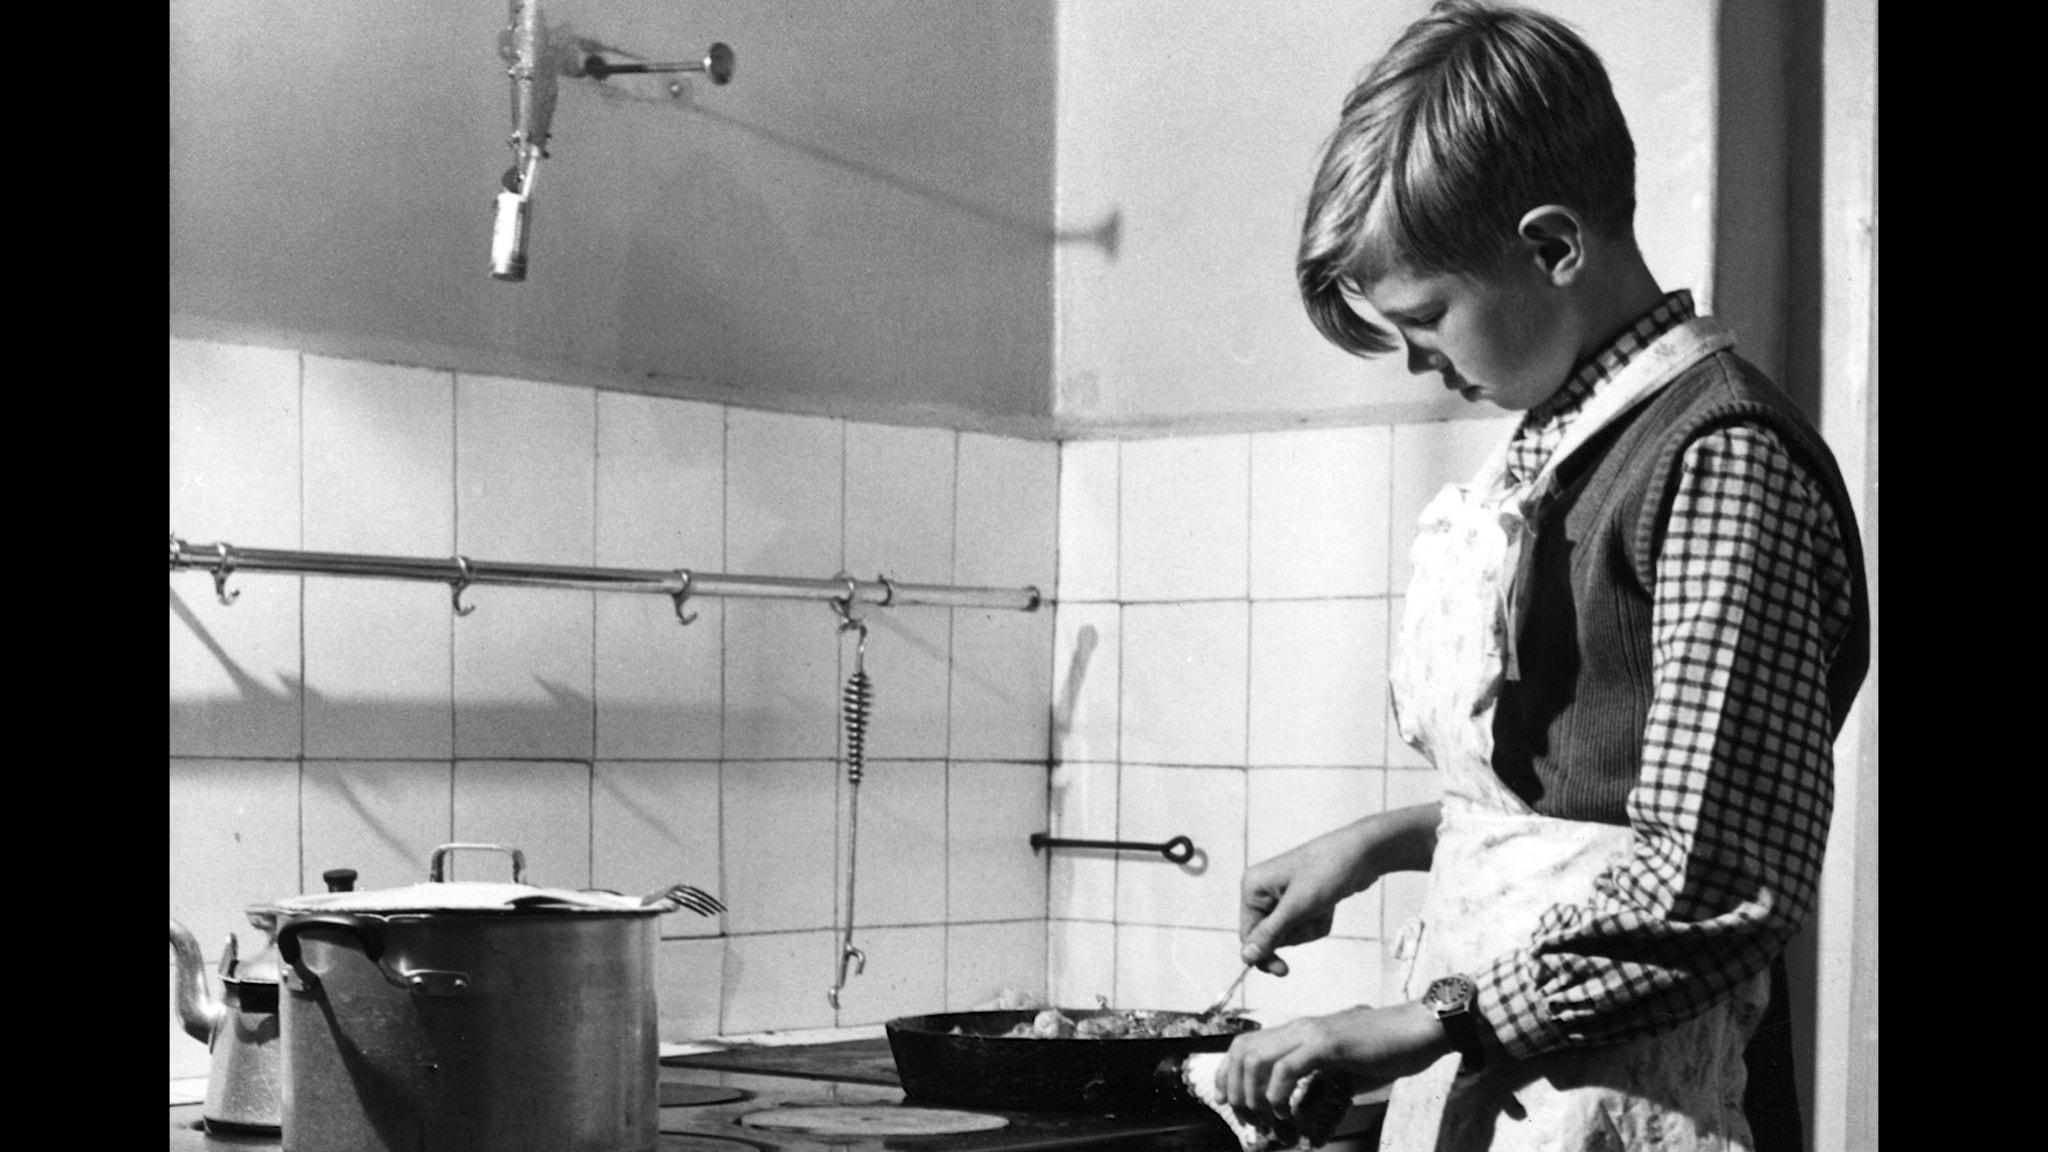 Skolpojke lagar mat vid spisen.